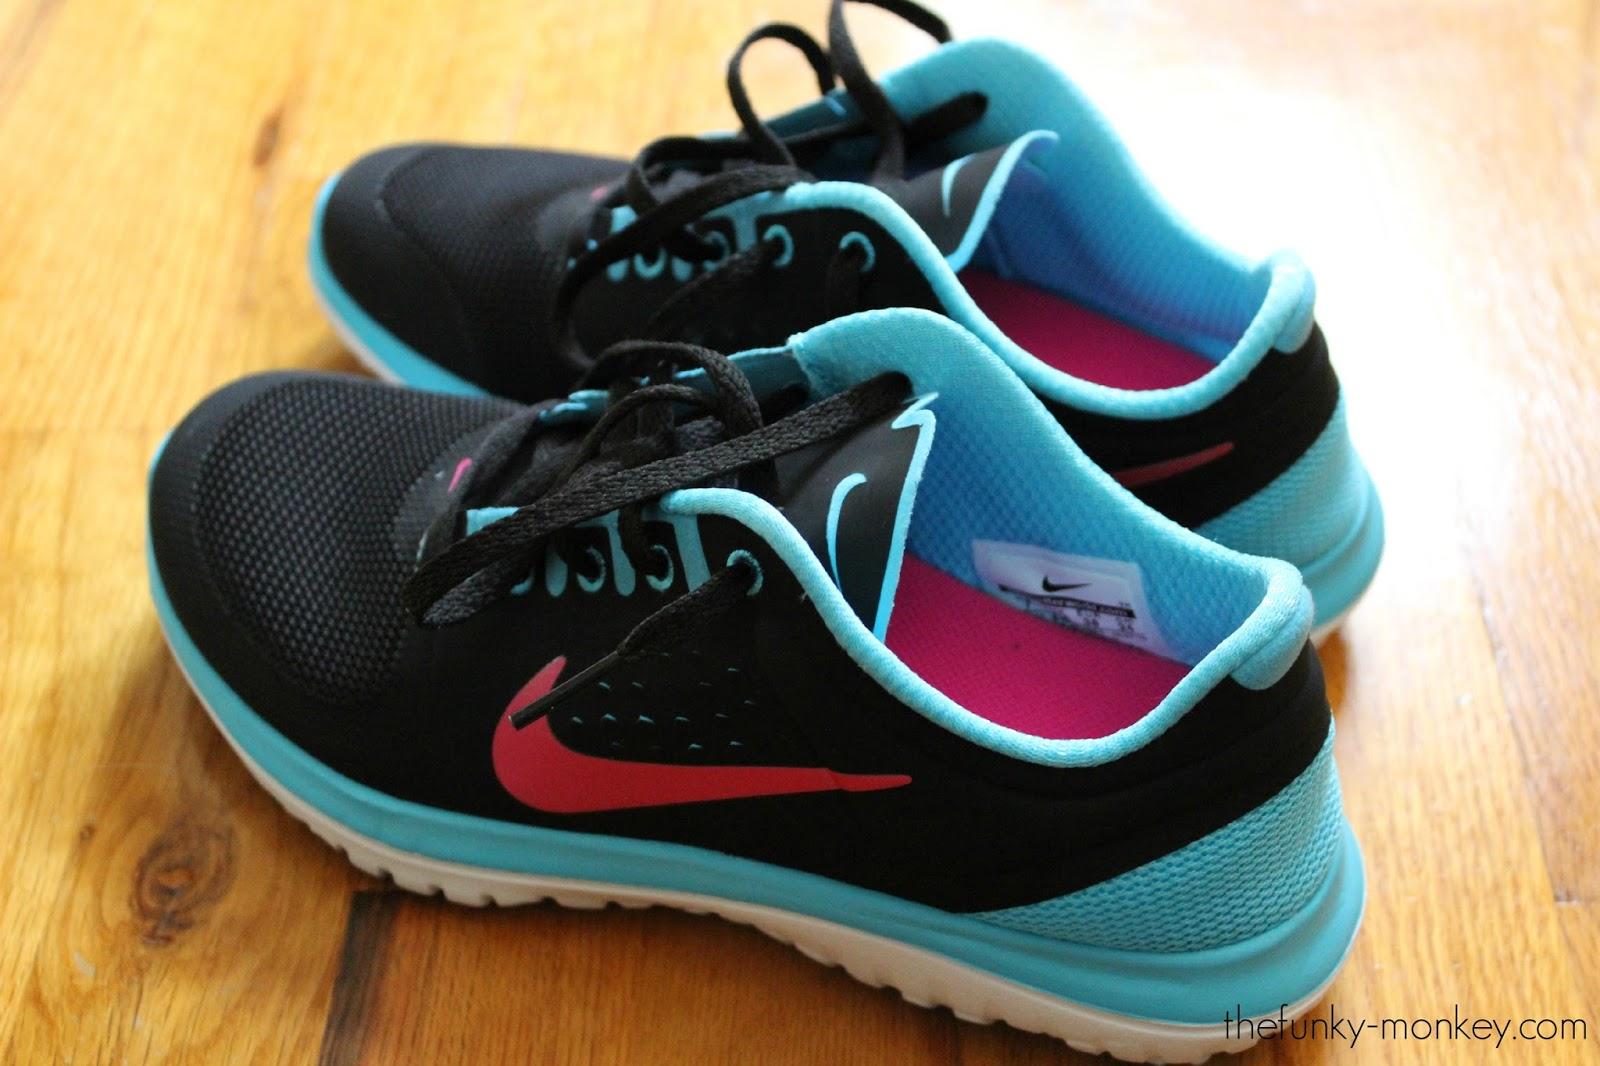 Nike Zapatillas De Deporte Para Mujer Kohls entrega rápida Footaction precio barato precio muy barato compra venta resistente GRMxAf